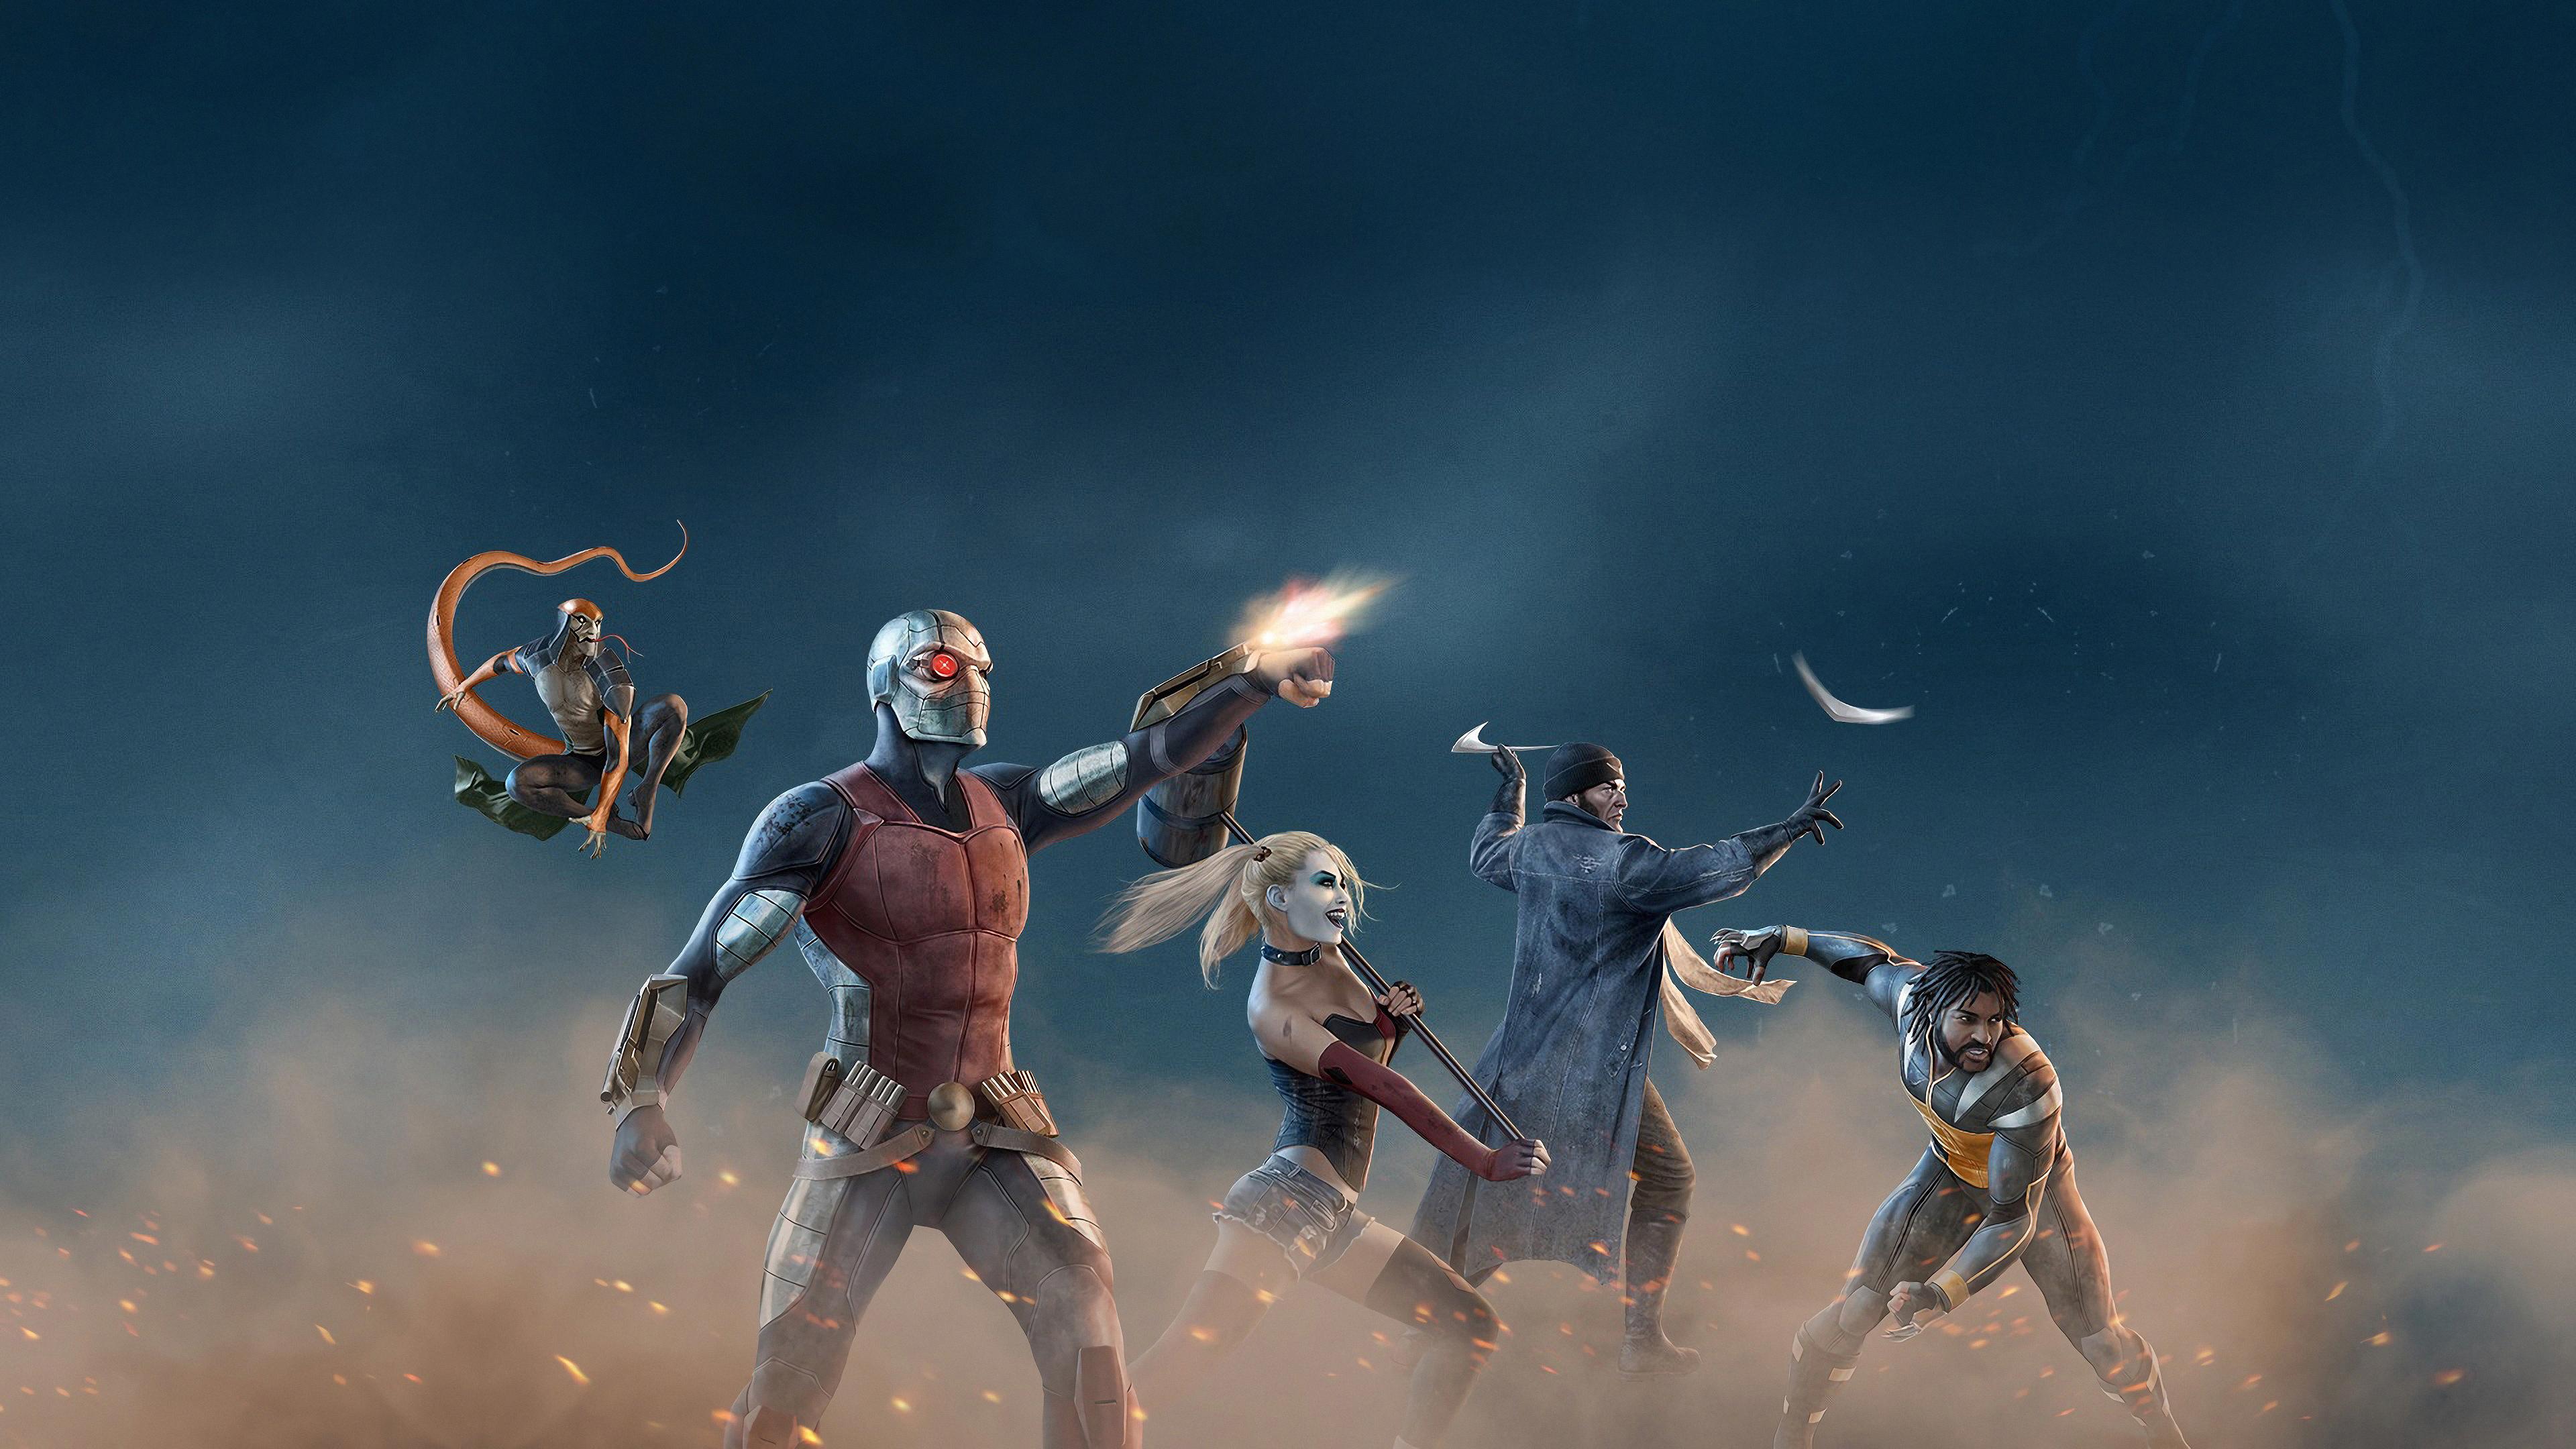 sucide squad team 1569186344 - Sucide Squad Team - superheroes wallpapers, suicide squad wallpapers, hd-wallpapers, artwork wallpapers, 4k-wallpapers